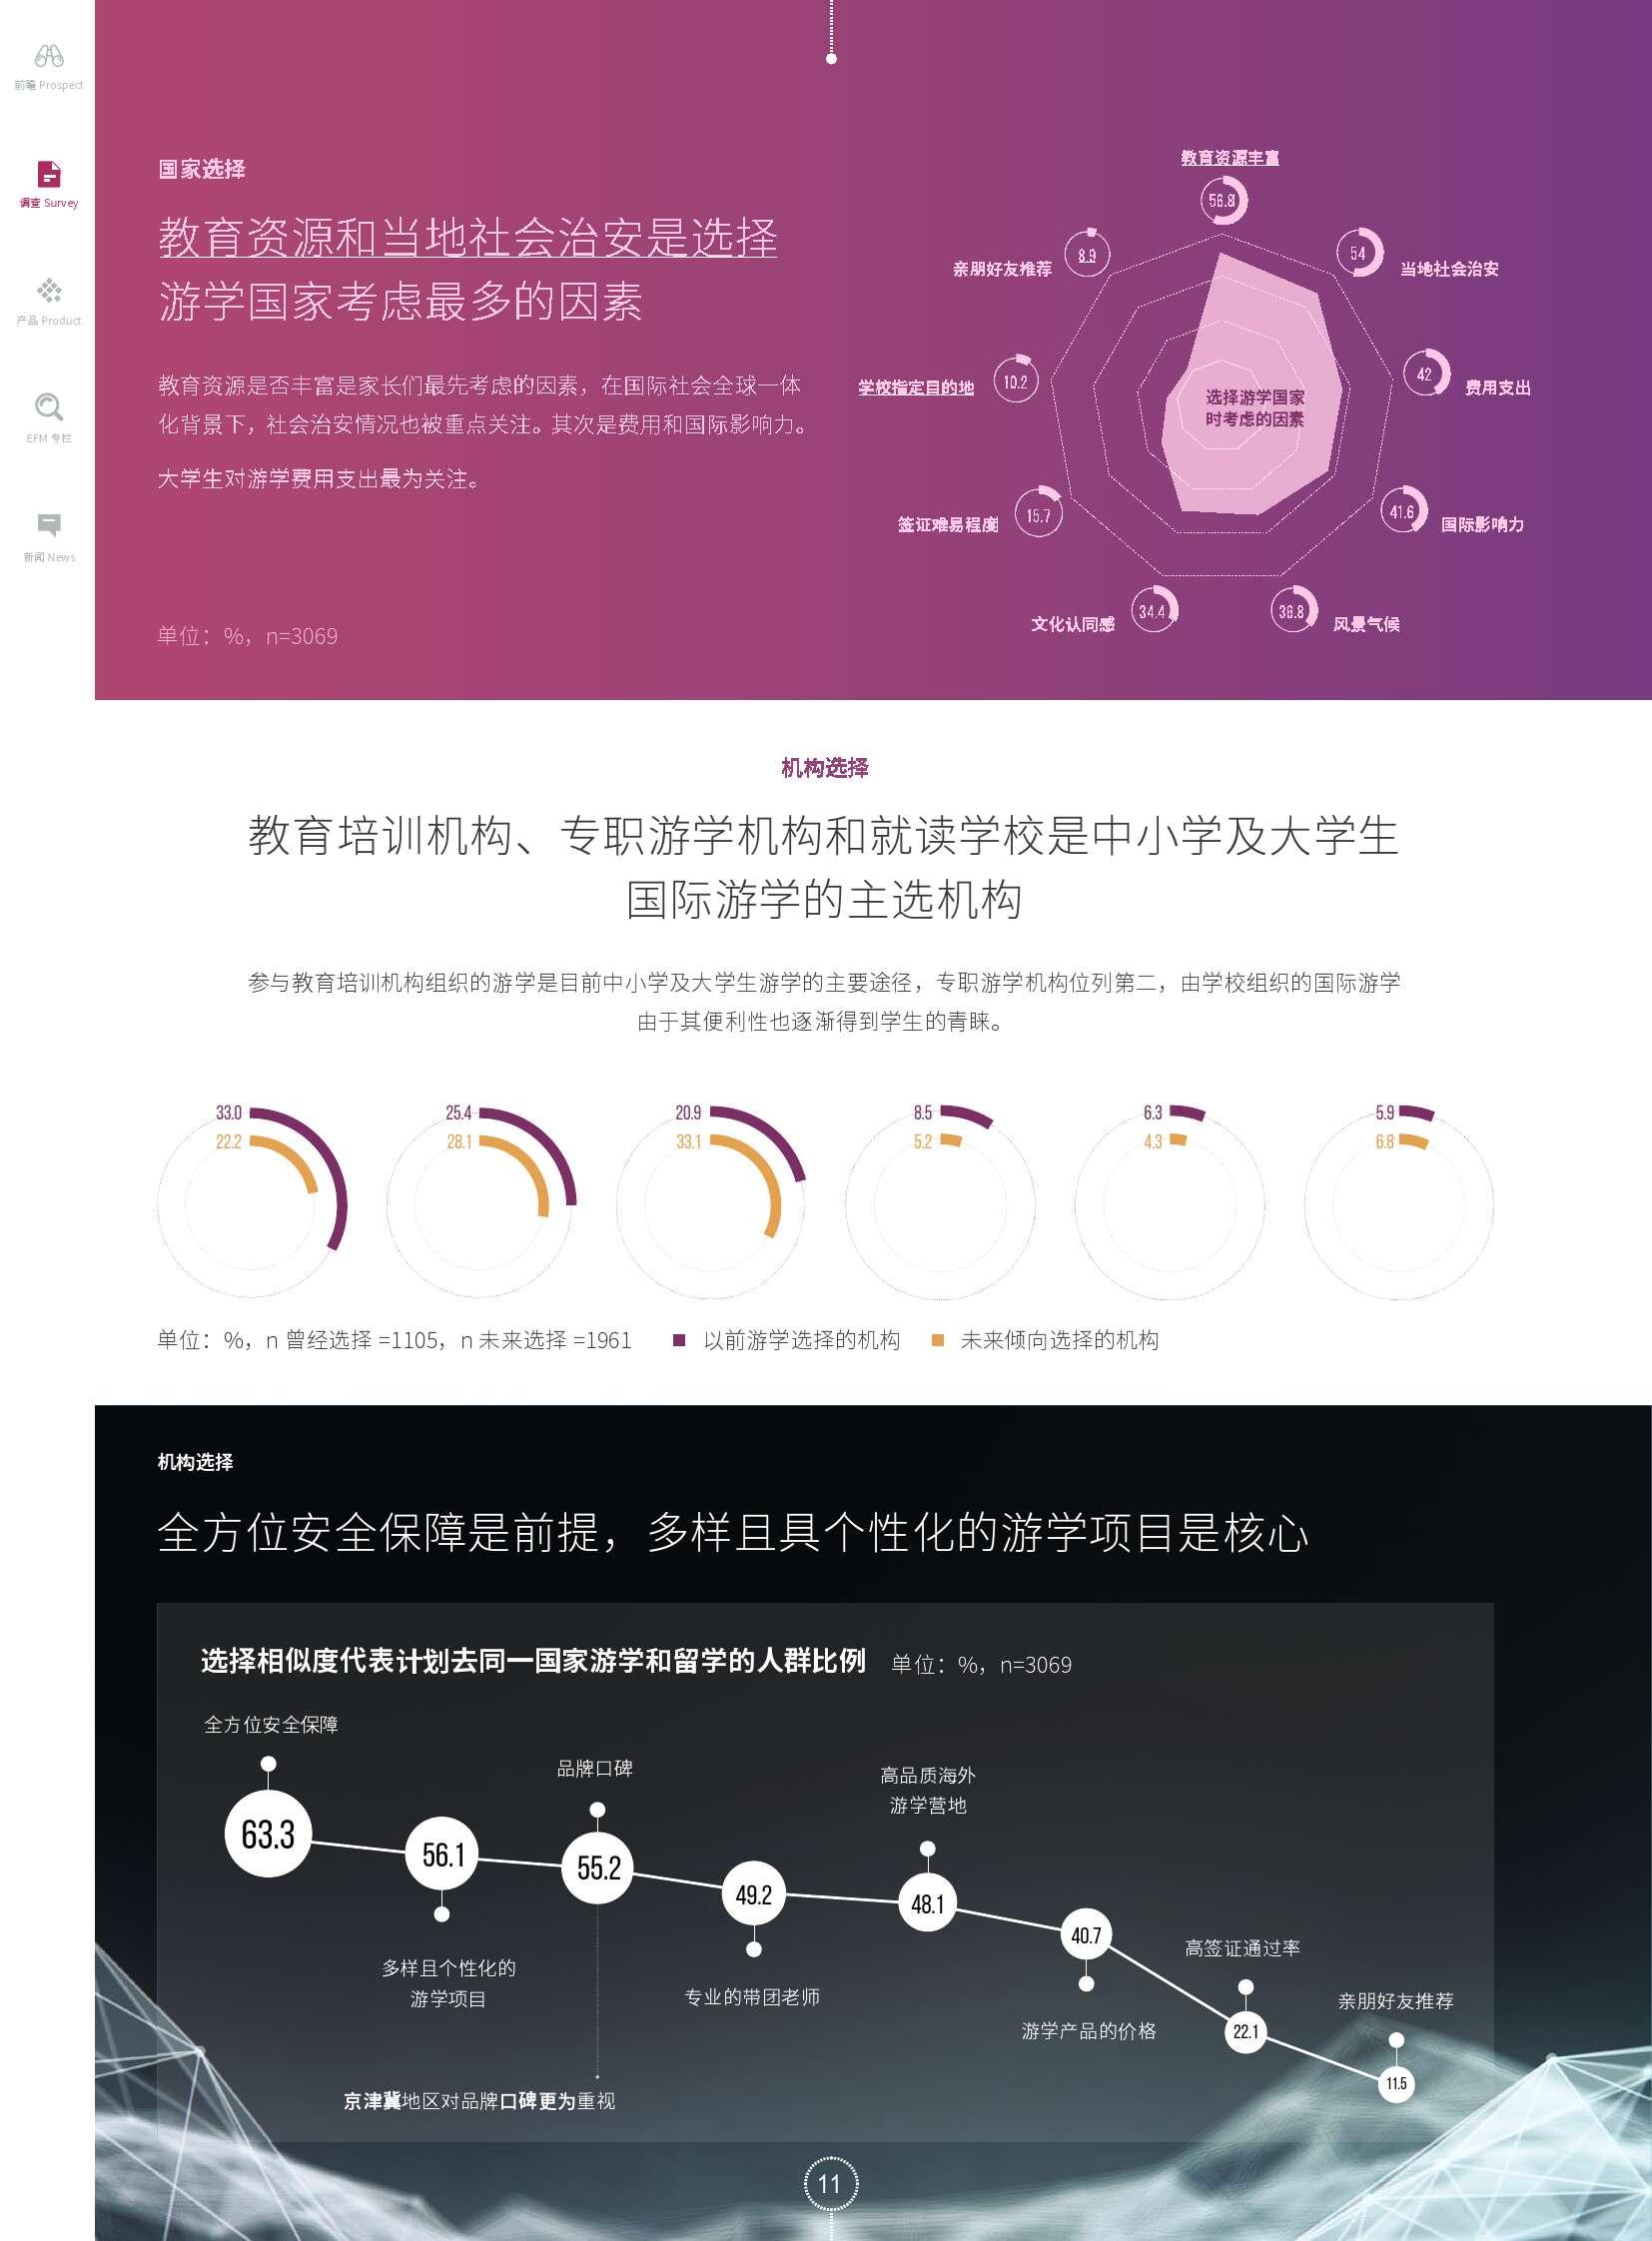 2016中国食品&饮料趋势及消费者洞察_000012